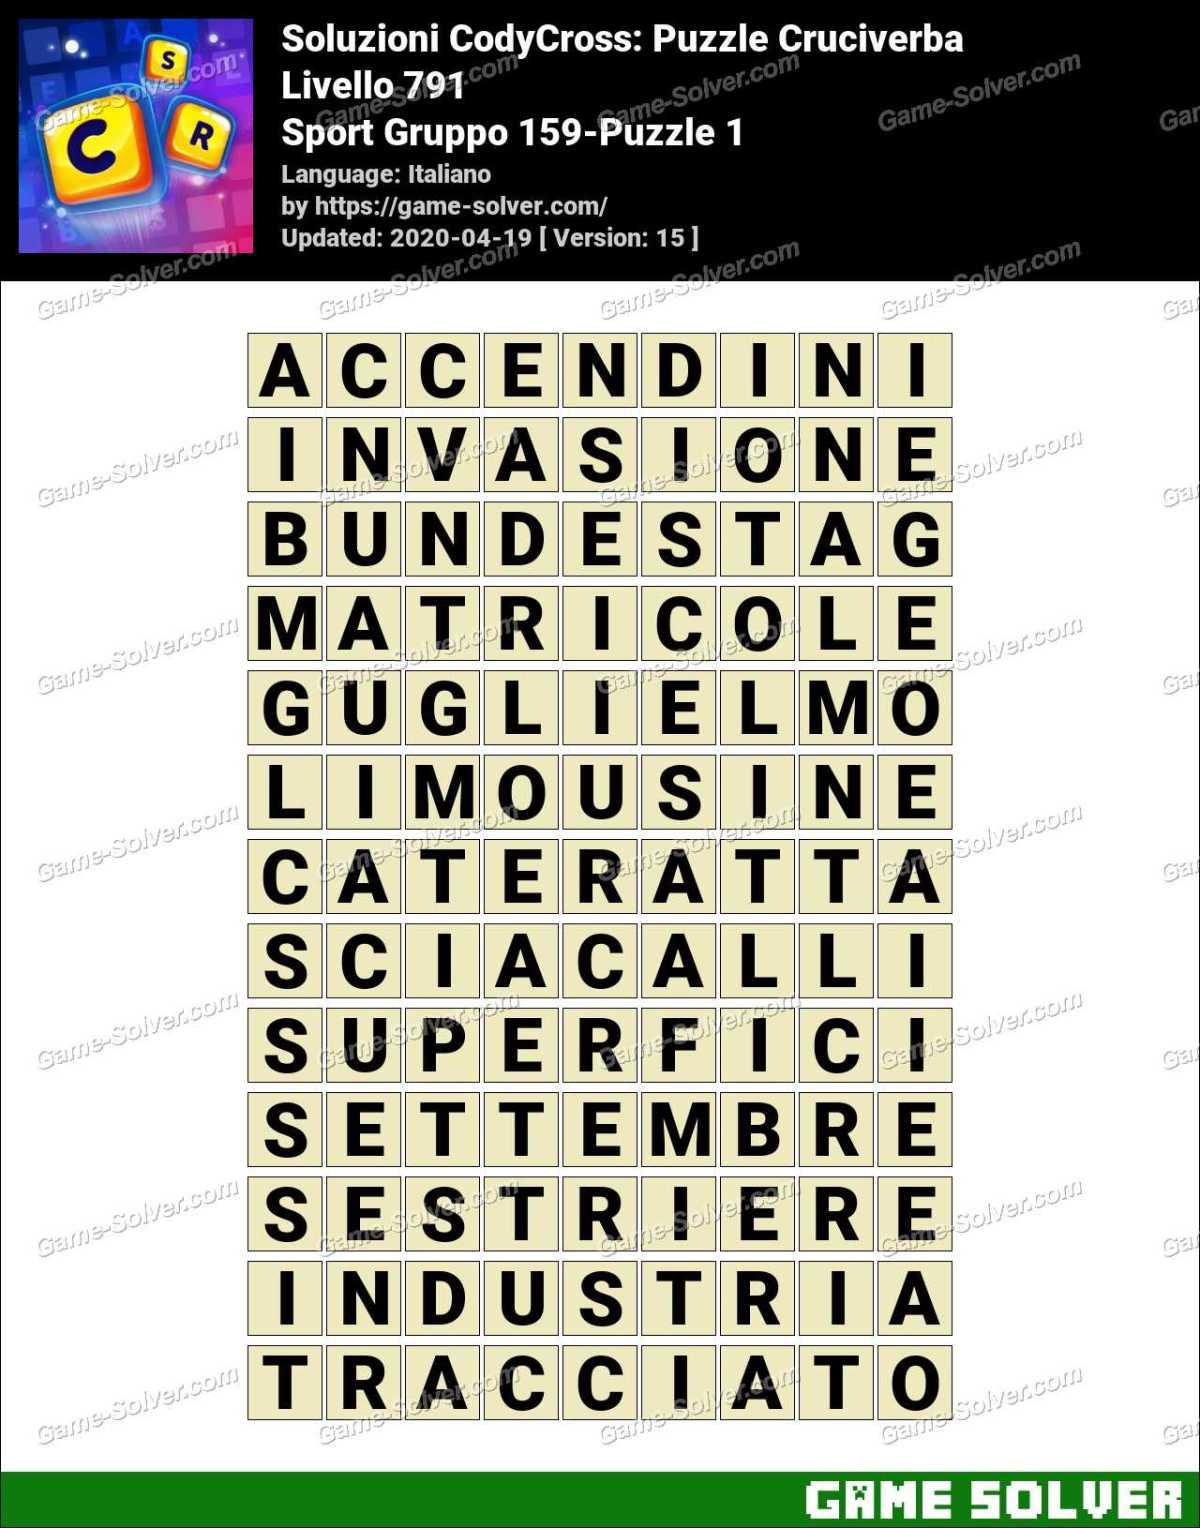 Soluzioni CodyCross Sport Gruppo 159-Puzzle 1